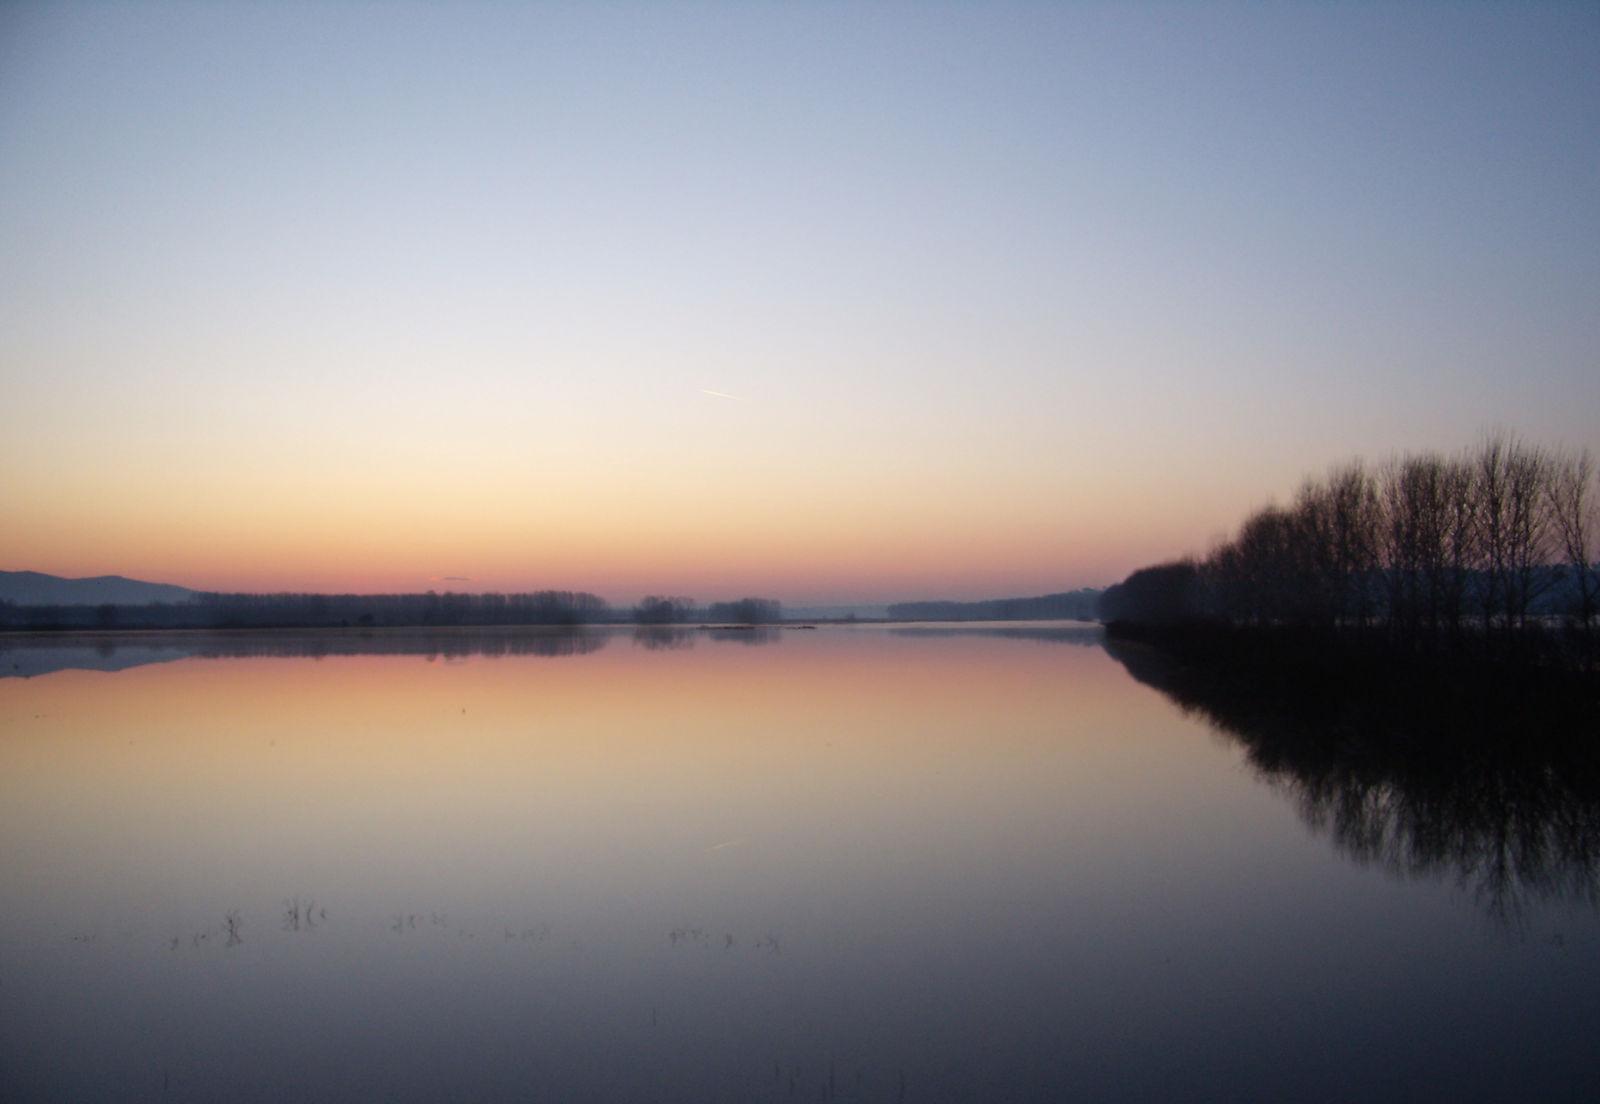 Fucecchio - Dove la Francigena si specchia nell'acqua - Toscana Ovunque Bella